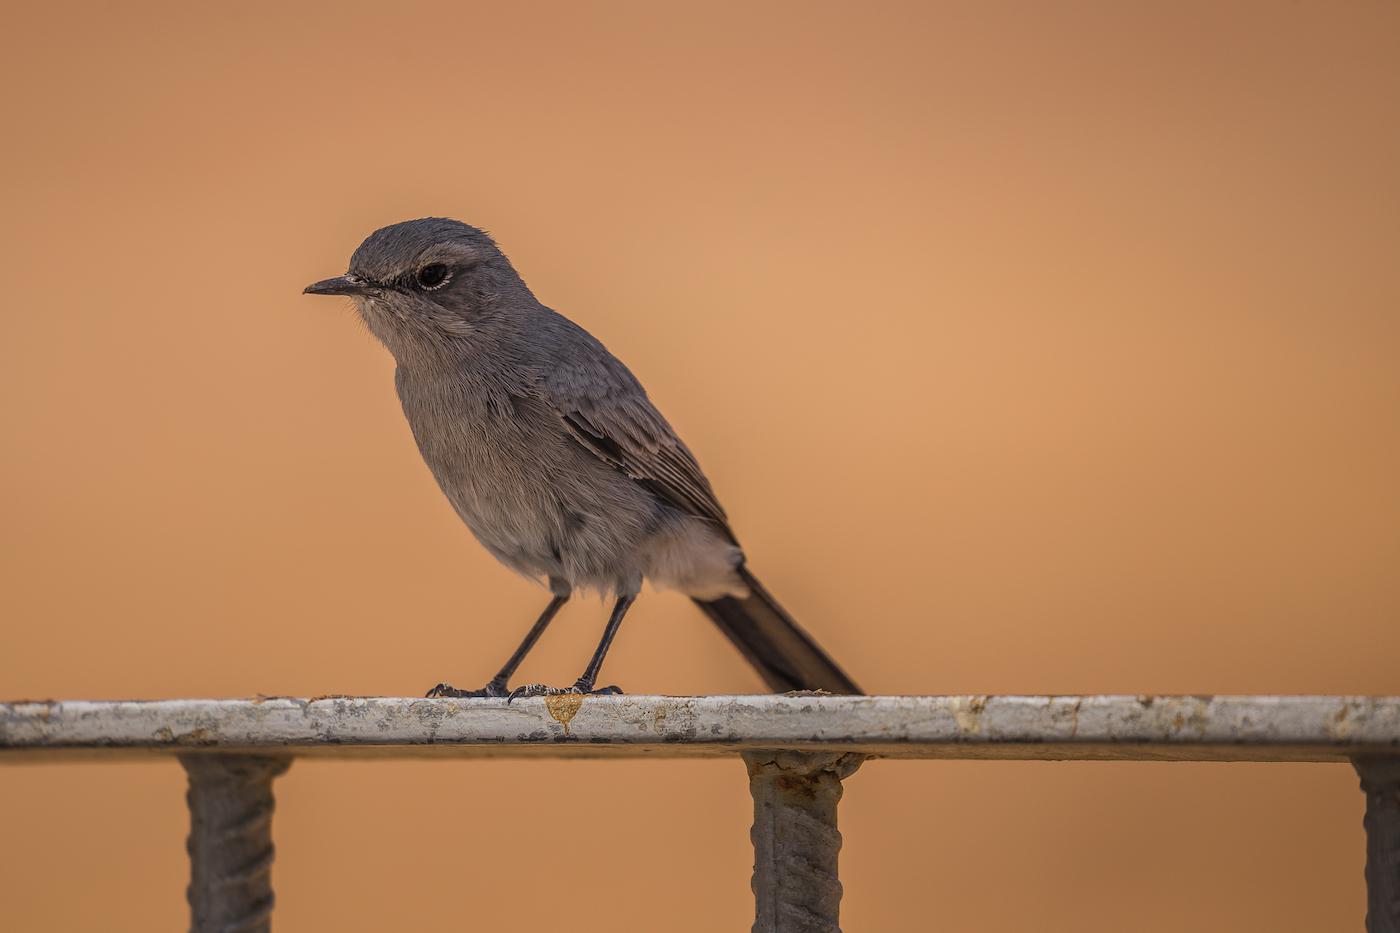 Keine Ahnung, was für ein Vogel das ist